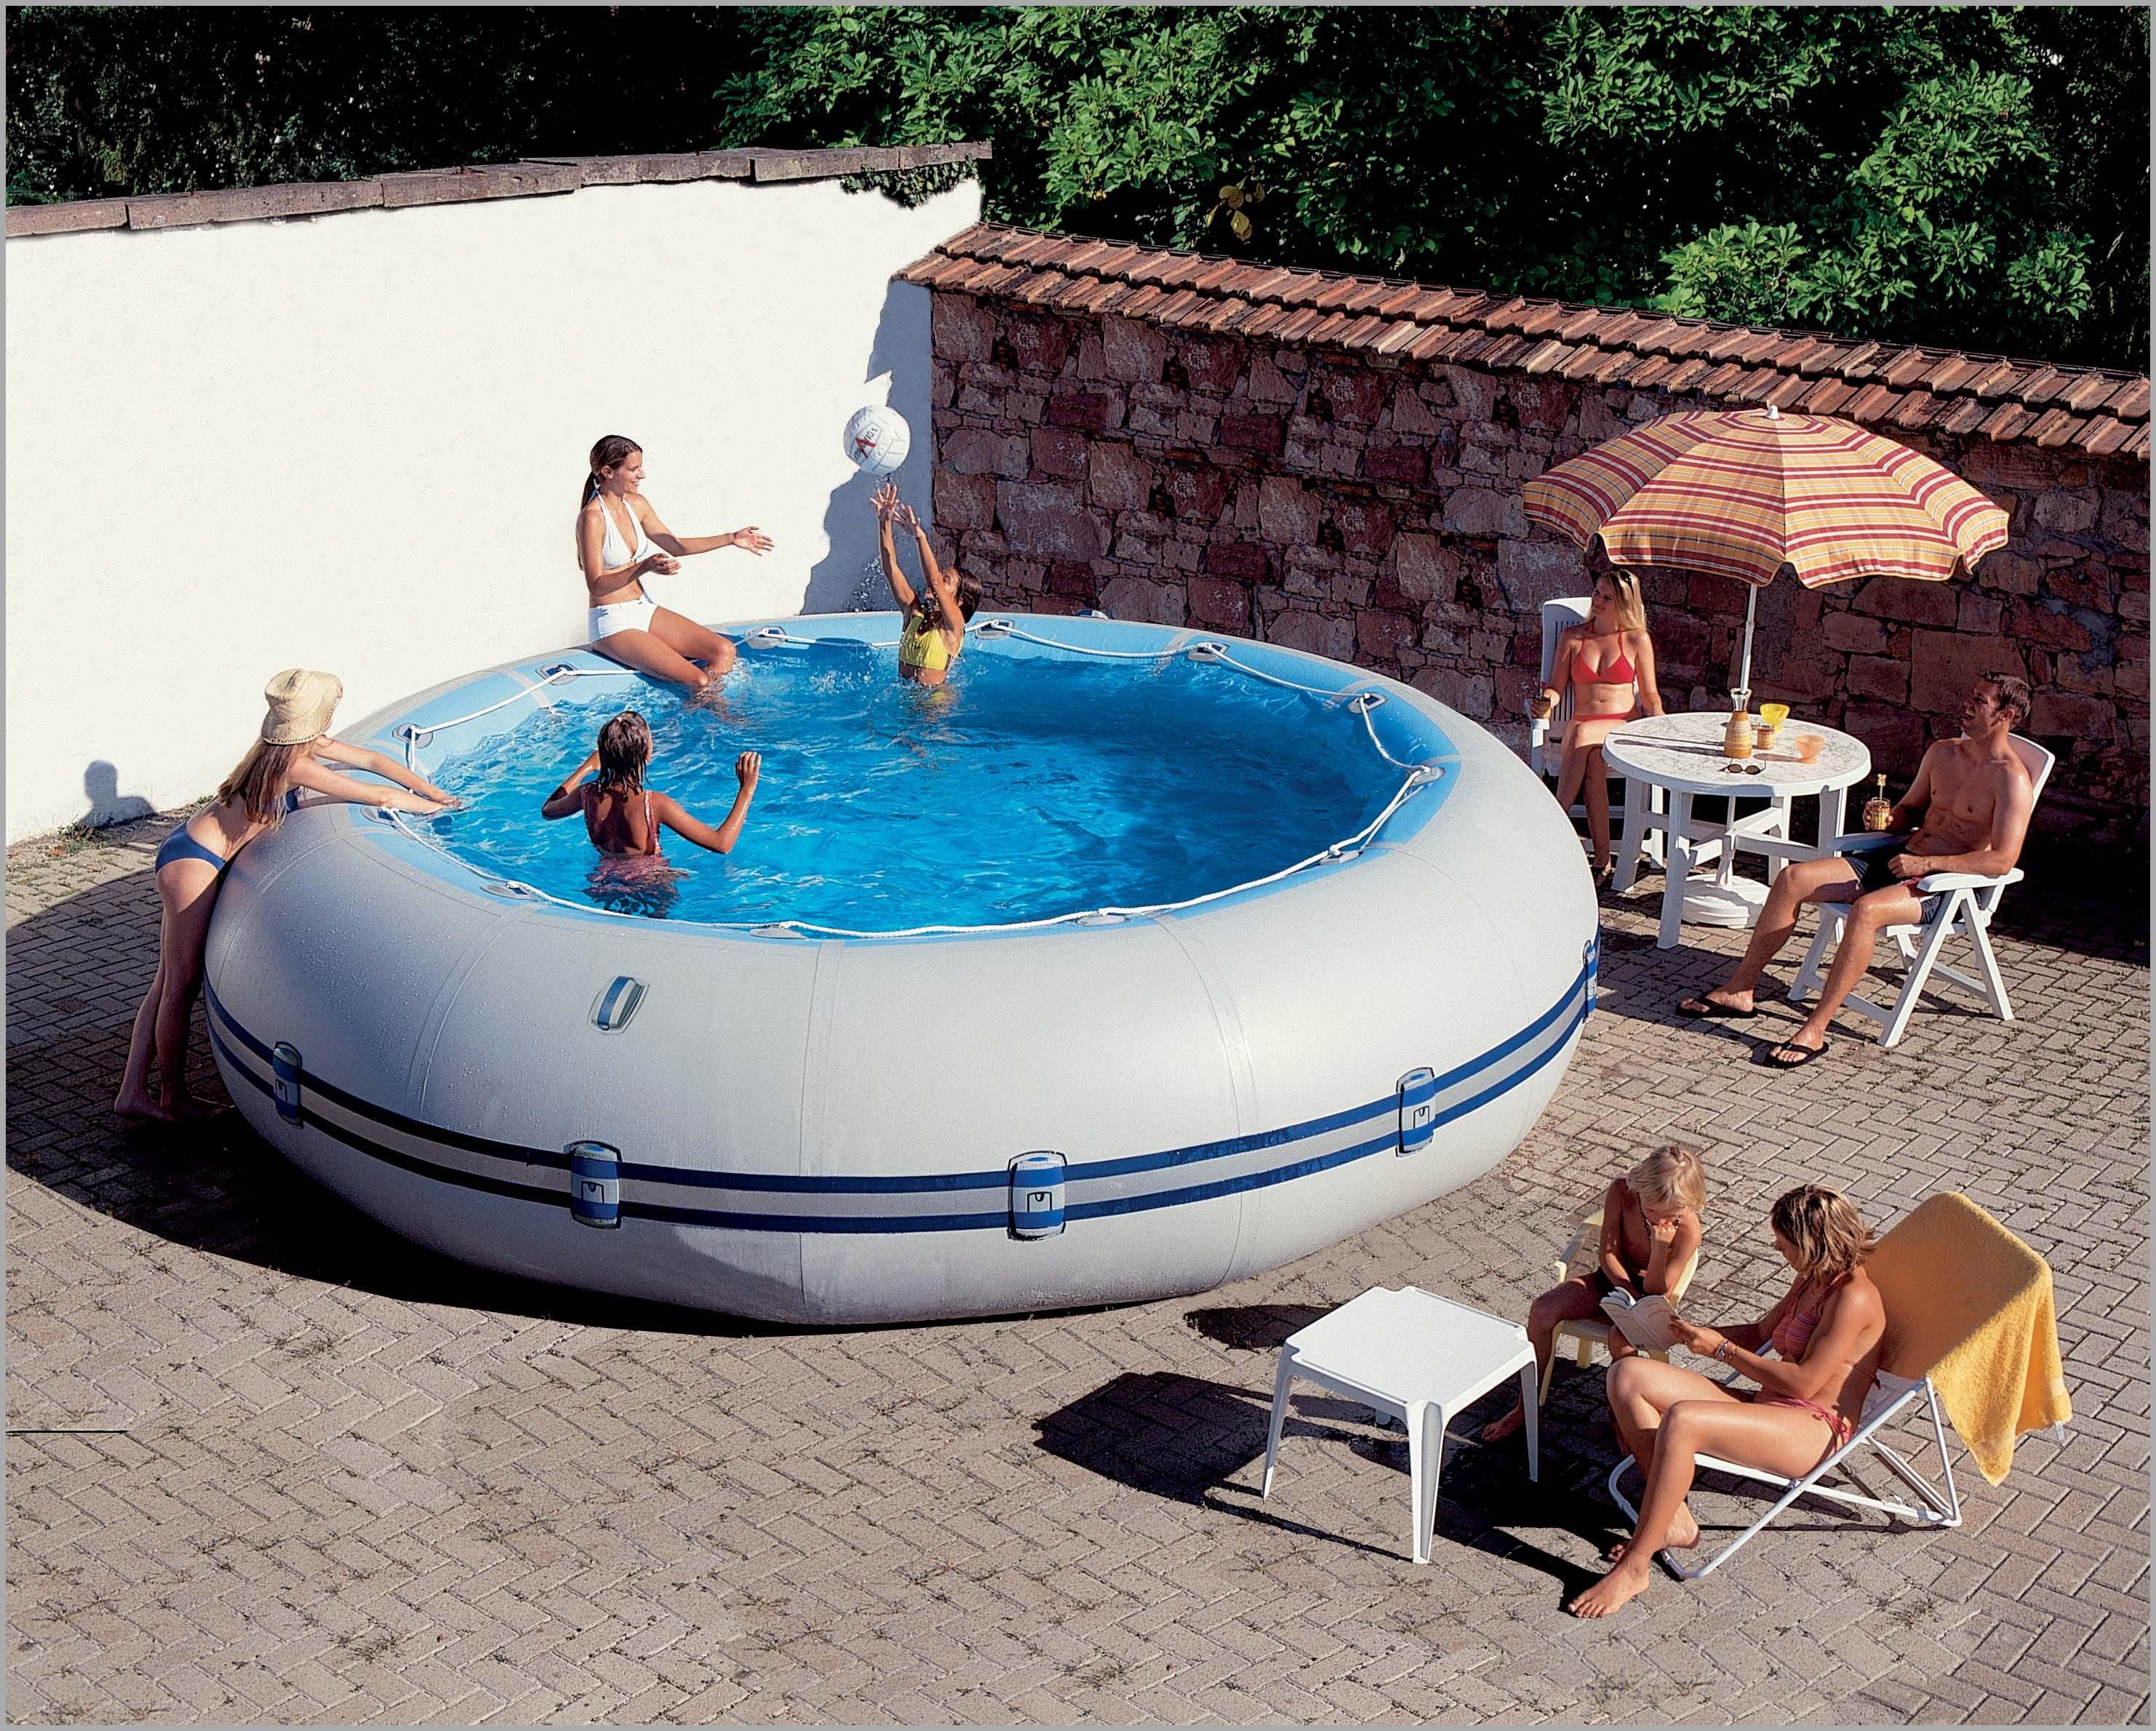 accessoire piscine d'occasion